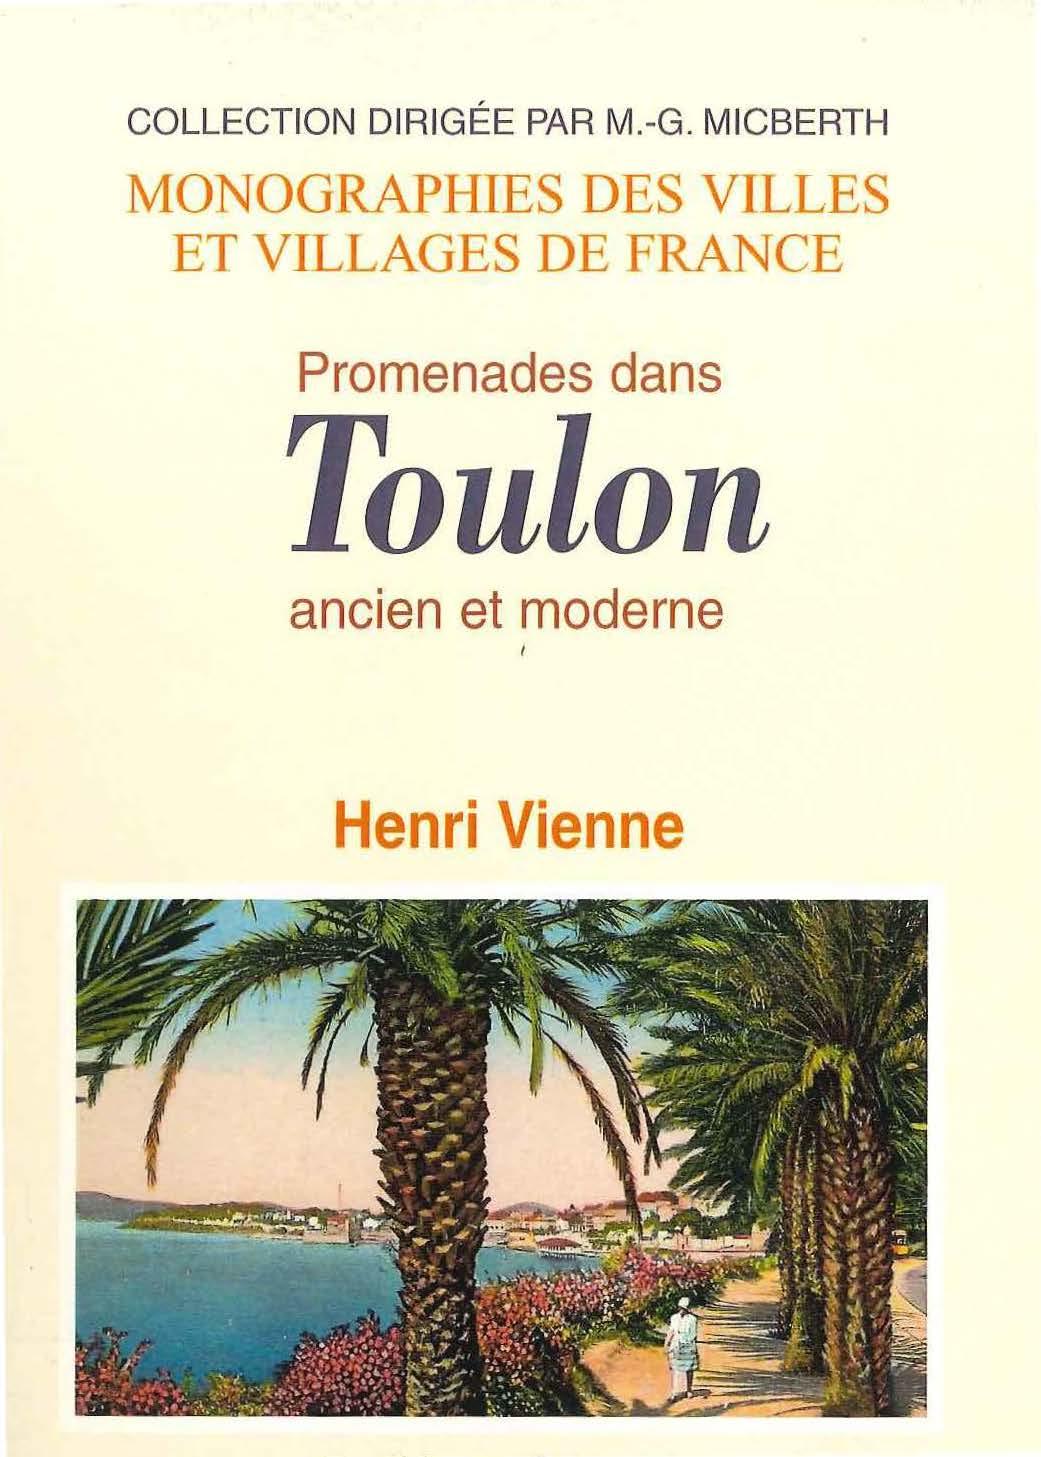 Promenades dans Toulon ancien et moderne